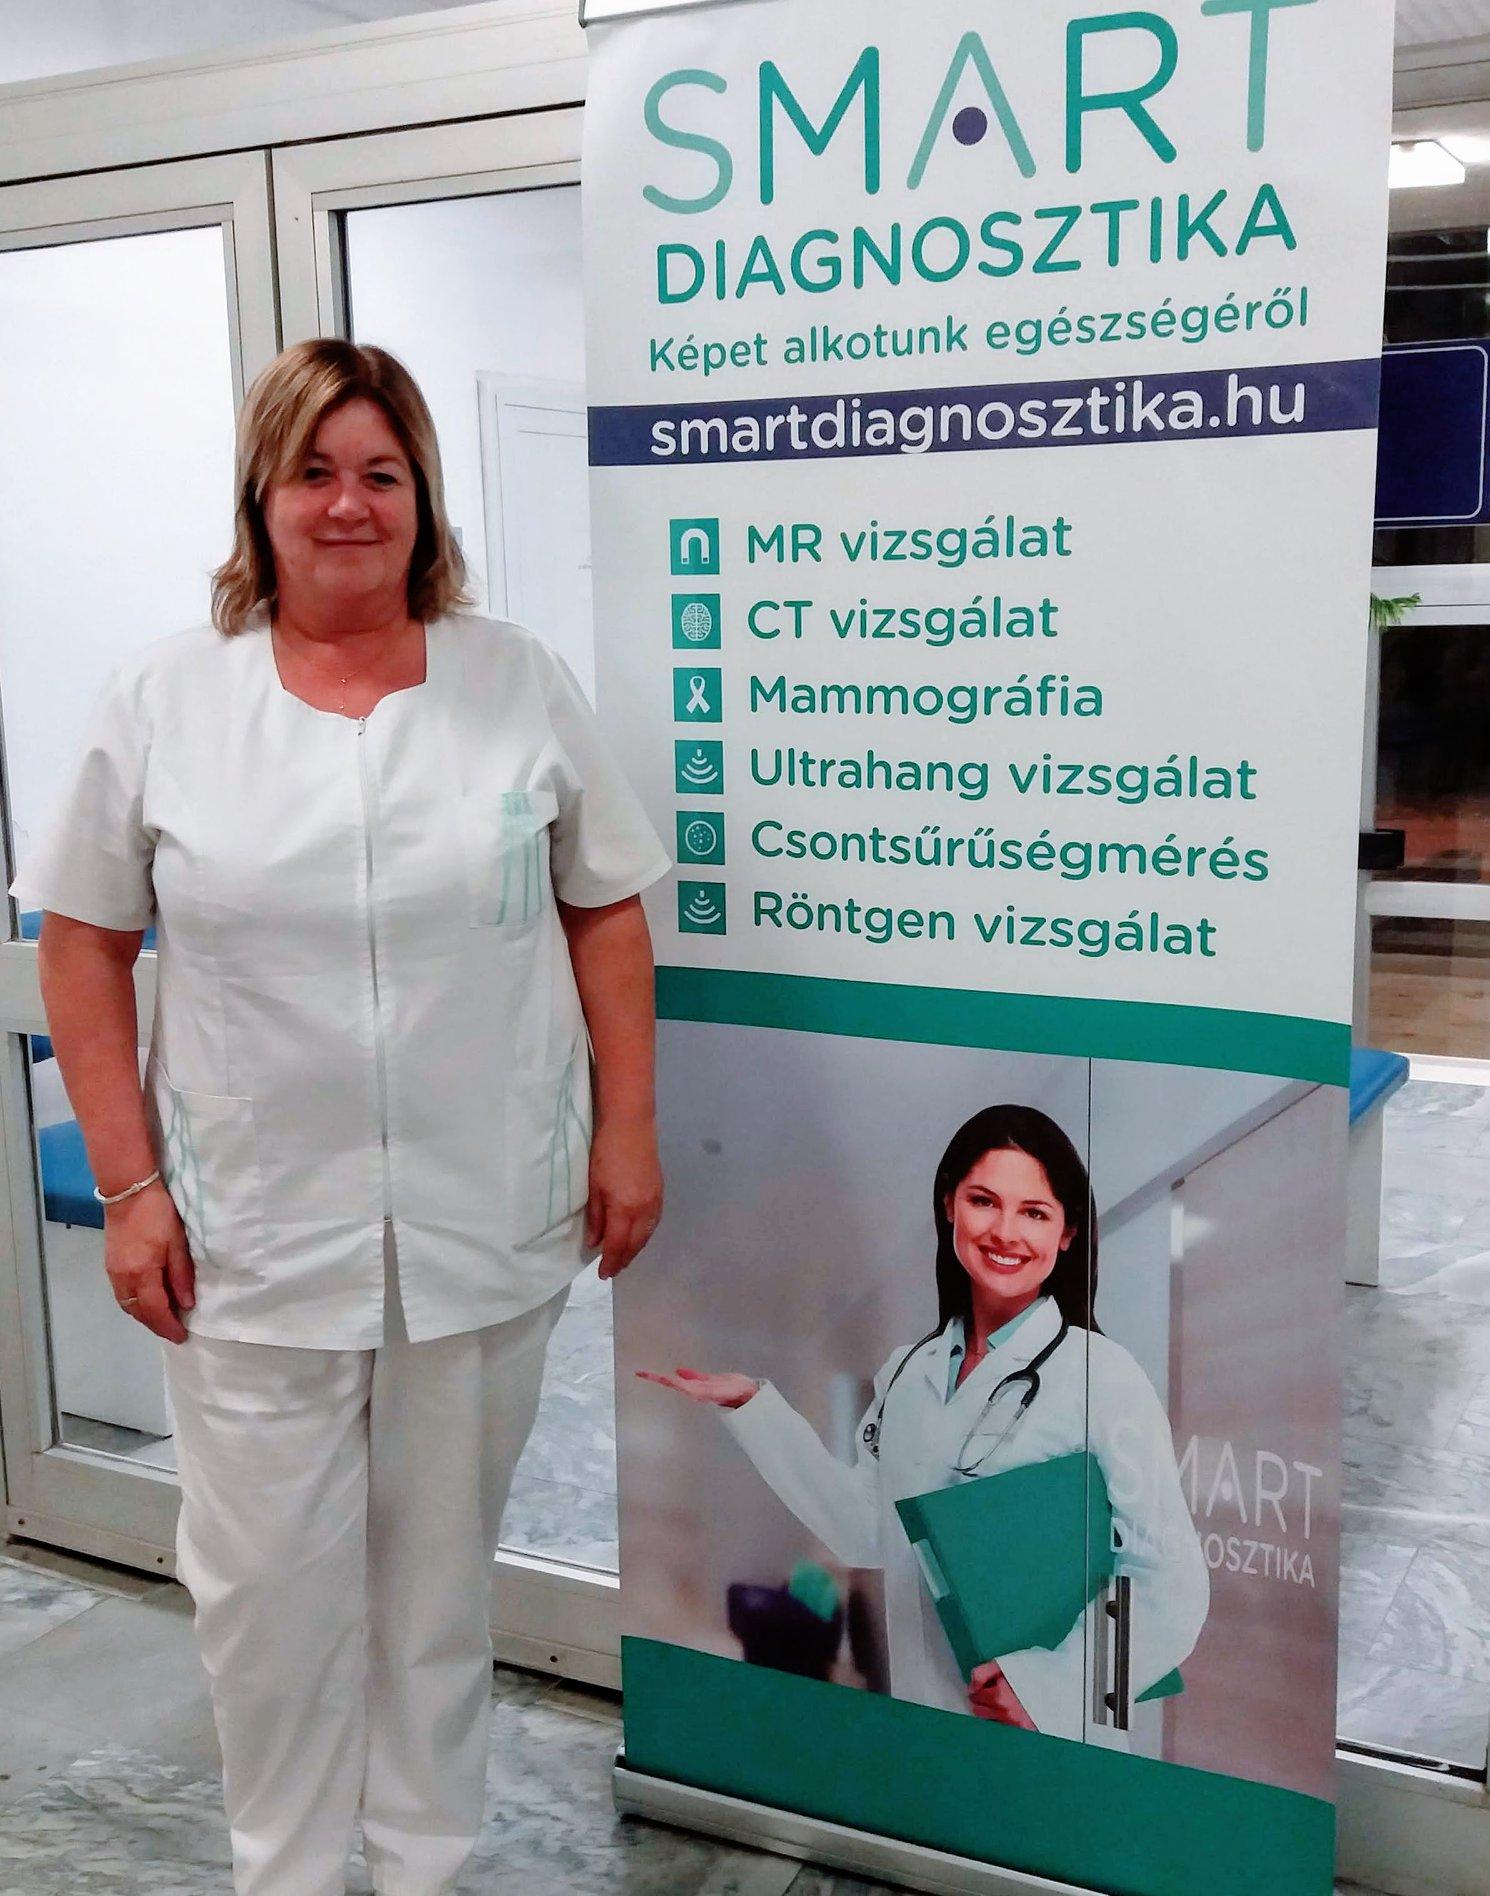 Dr. Urbanek Krisztina radiológus szakorvos - SMART Diagnosztika